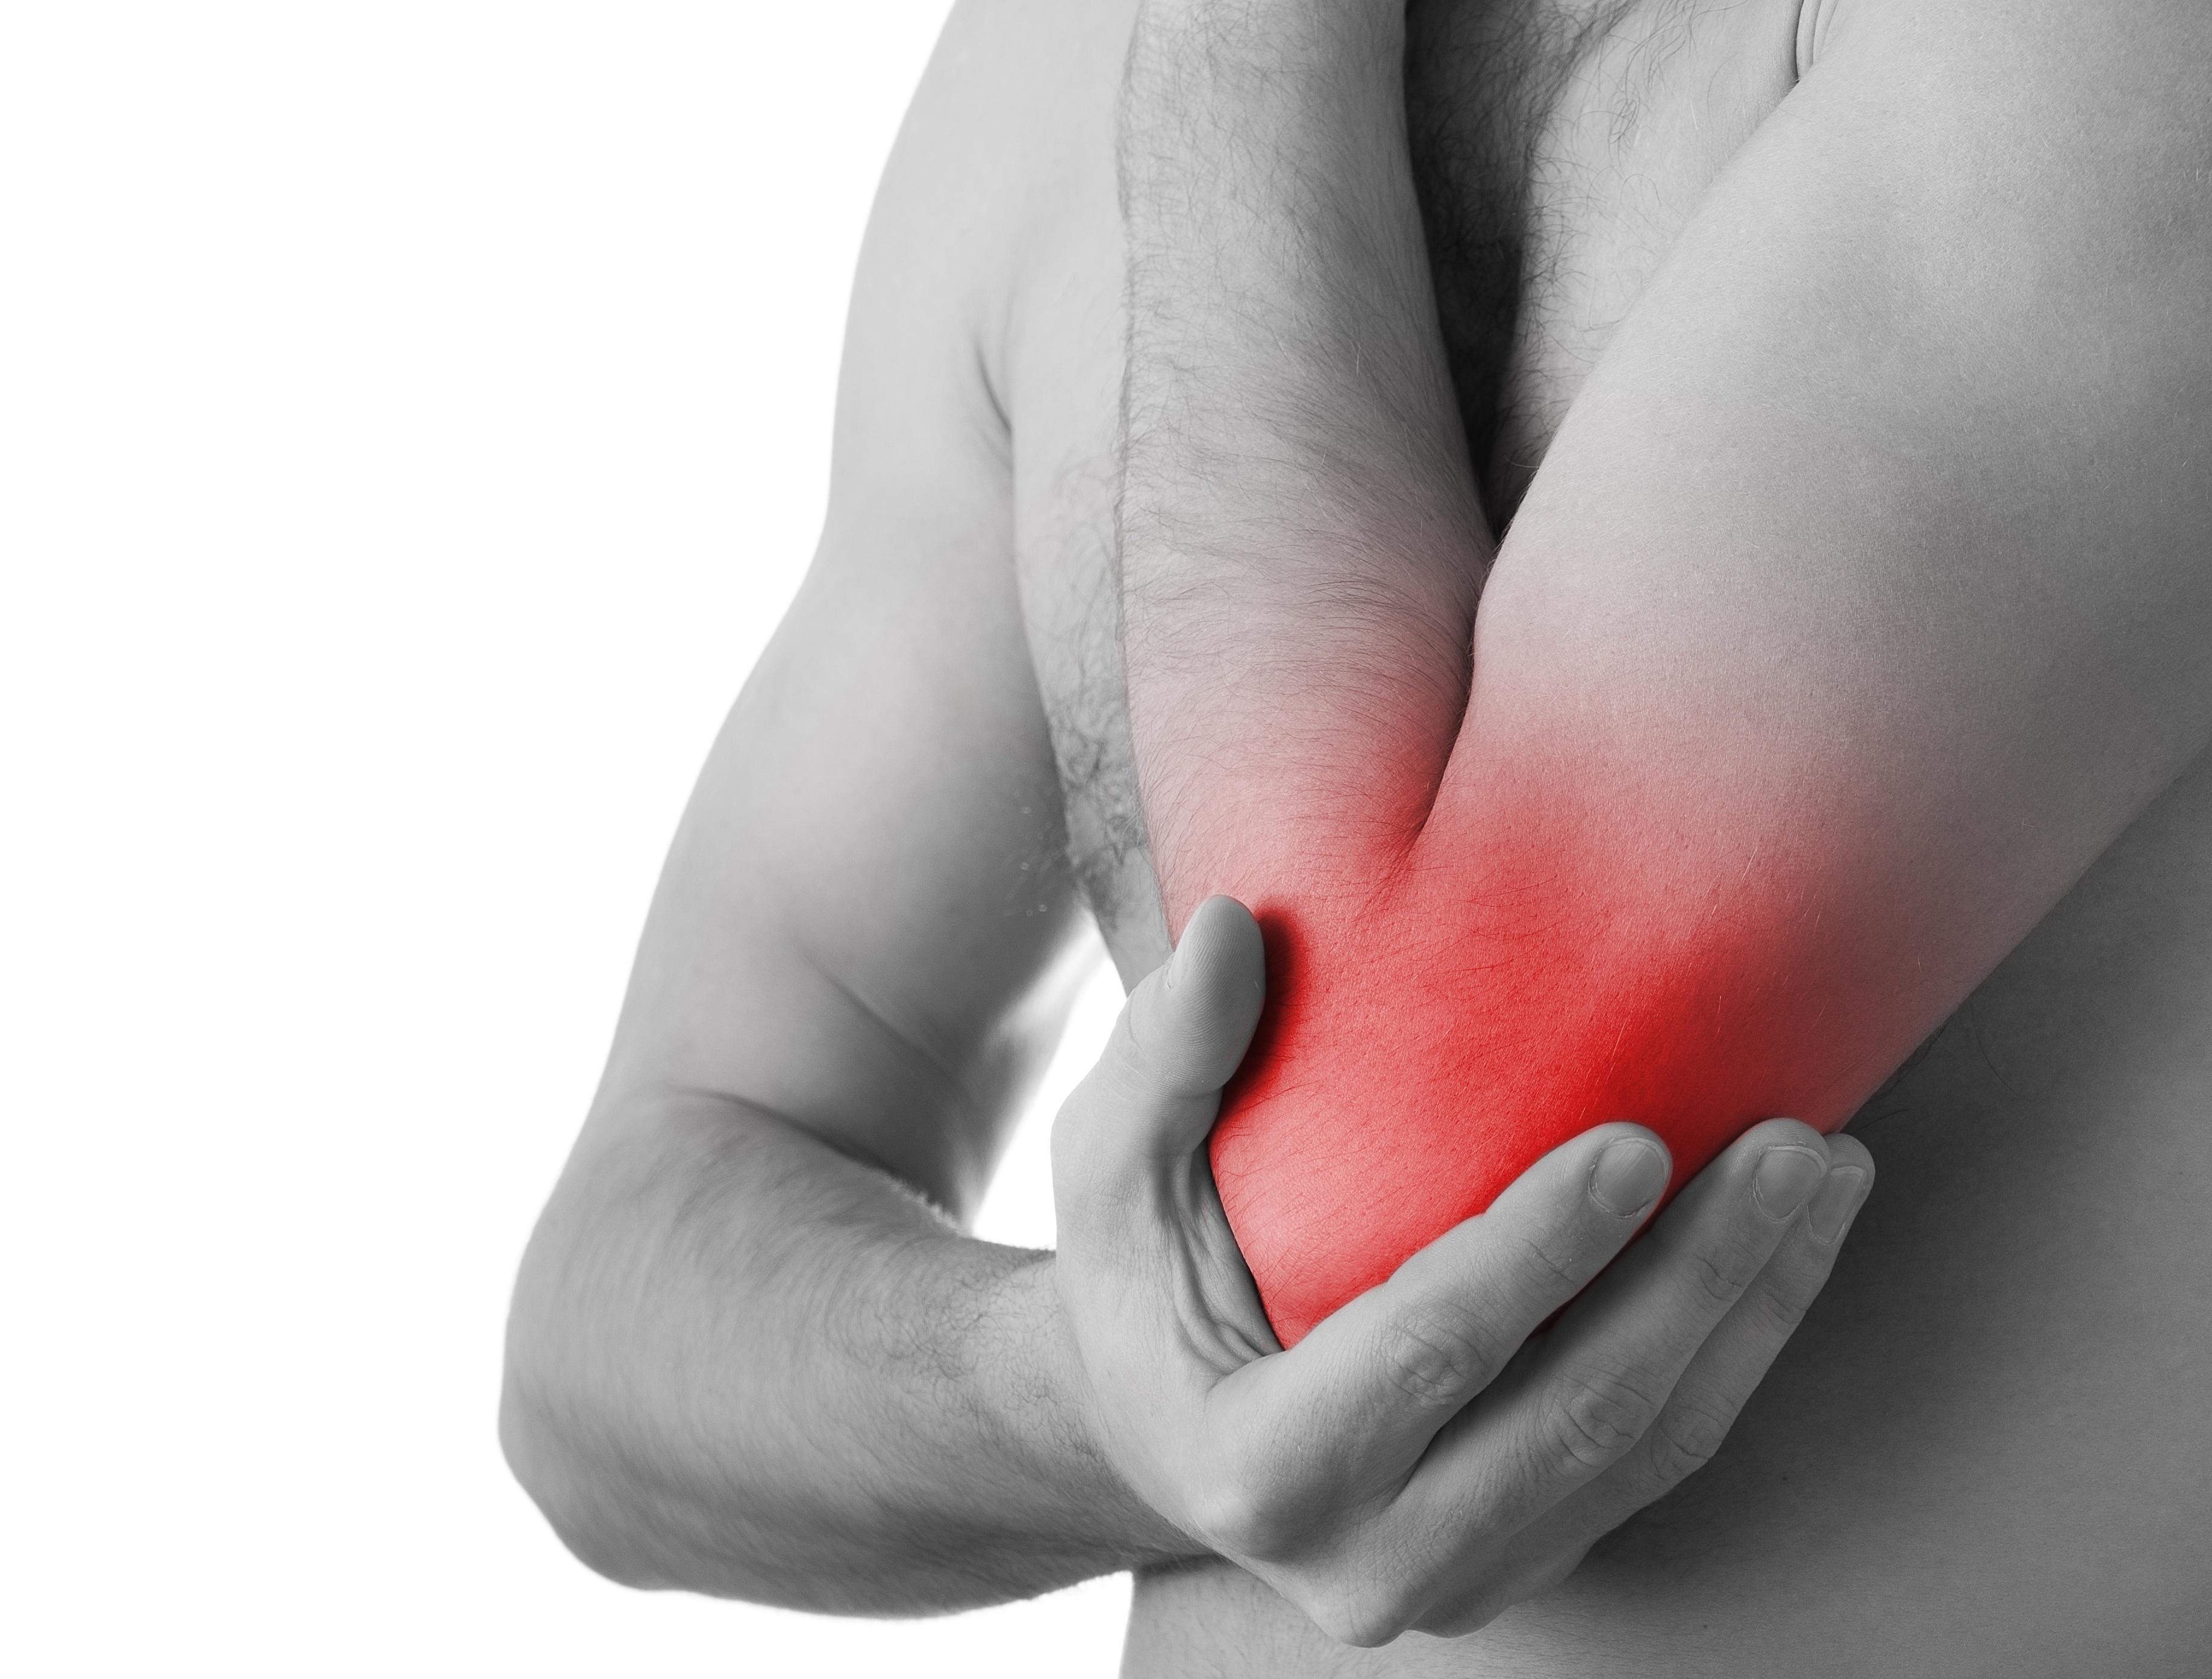 tanácsos kenőcs ízületi fájdalmak esetén